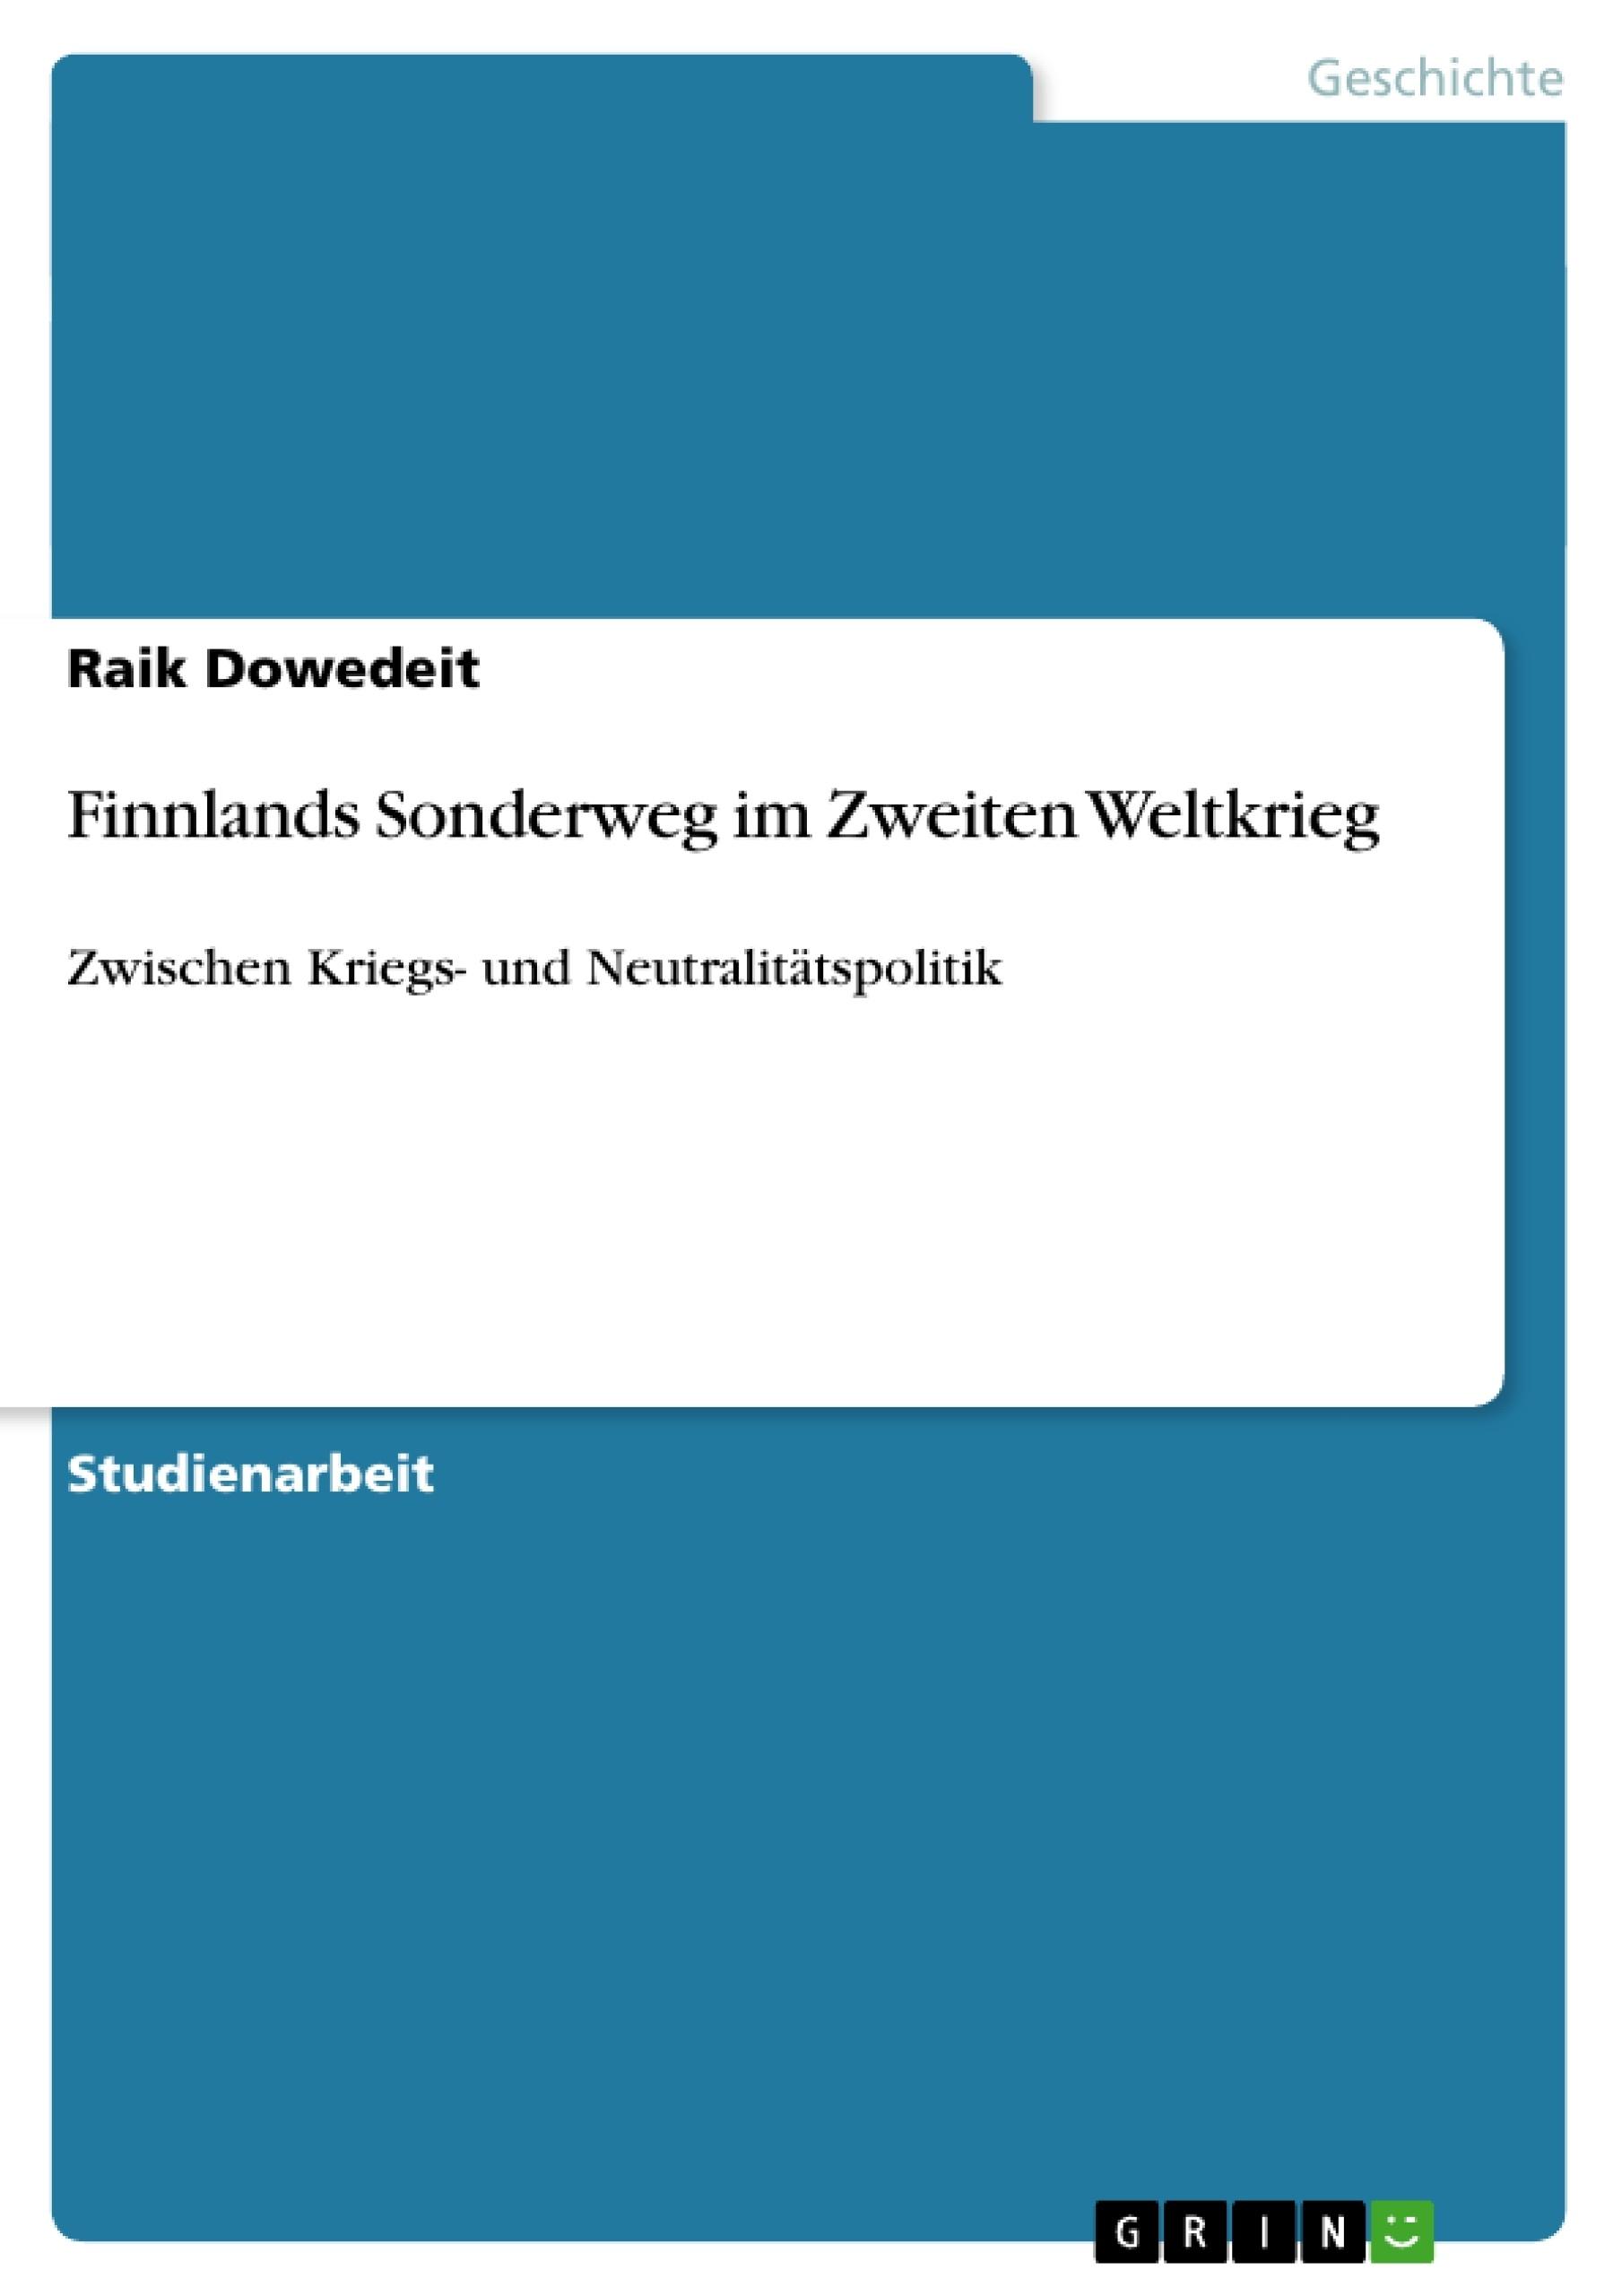 Titel: Finnlands Sonderweg im Zweiten Weltkrieg